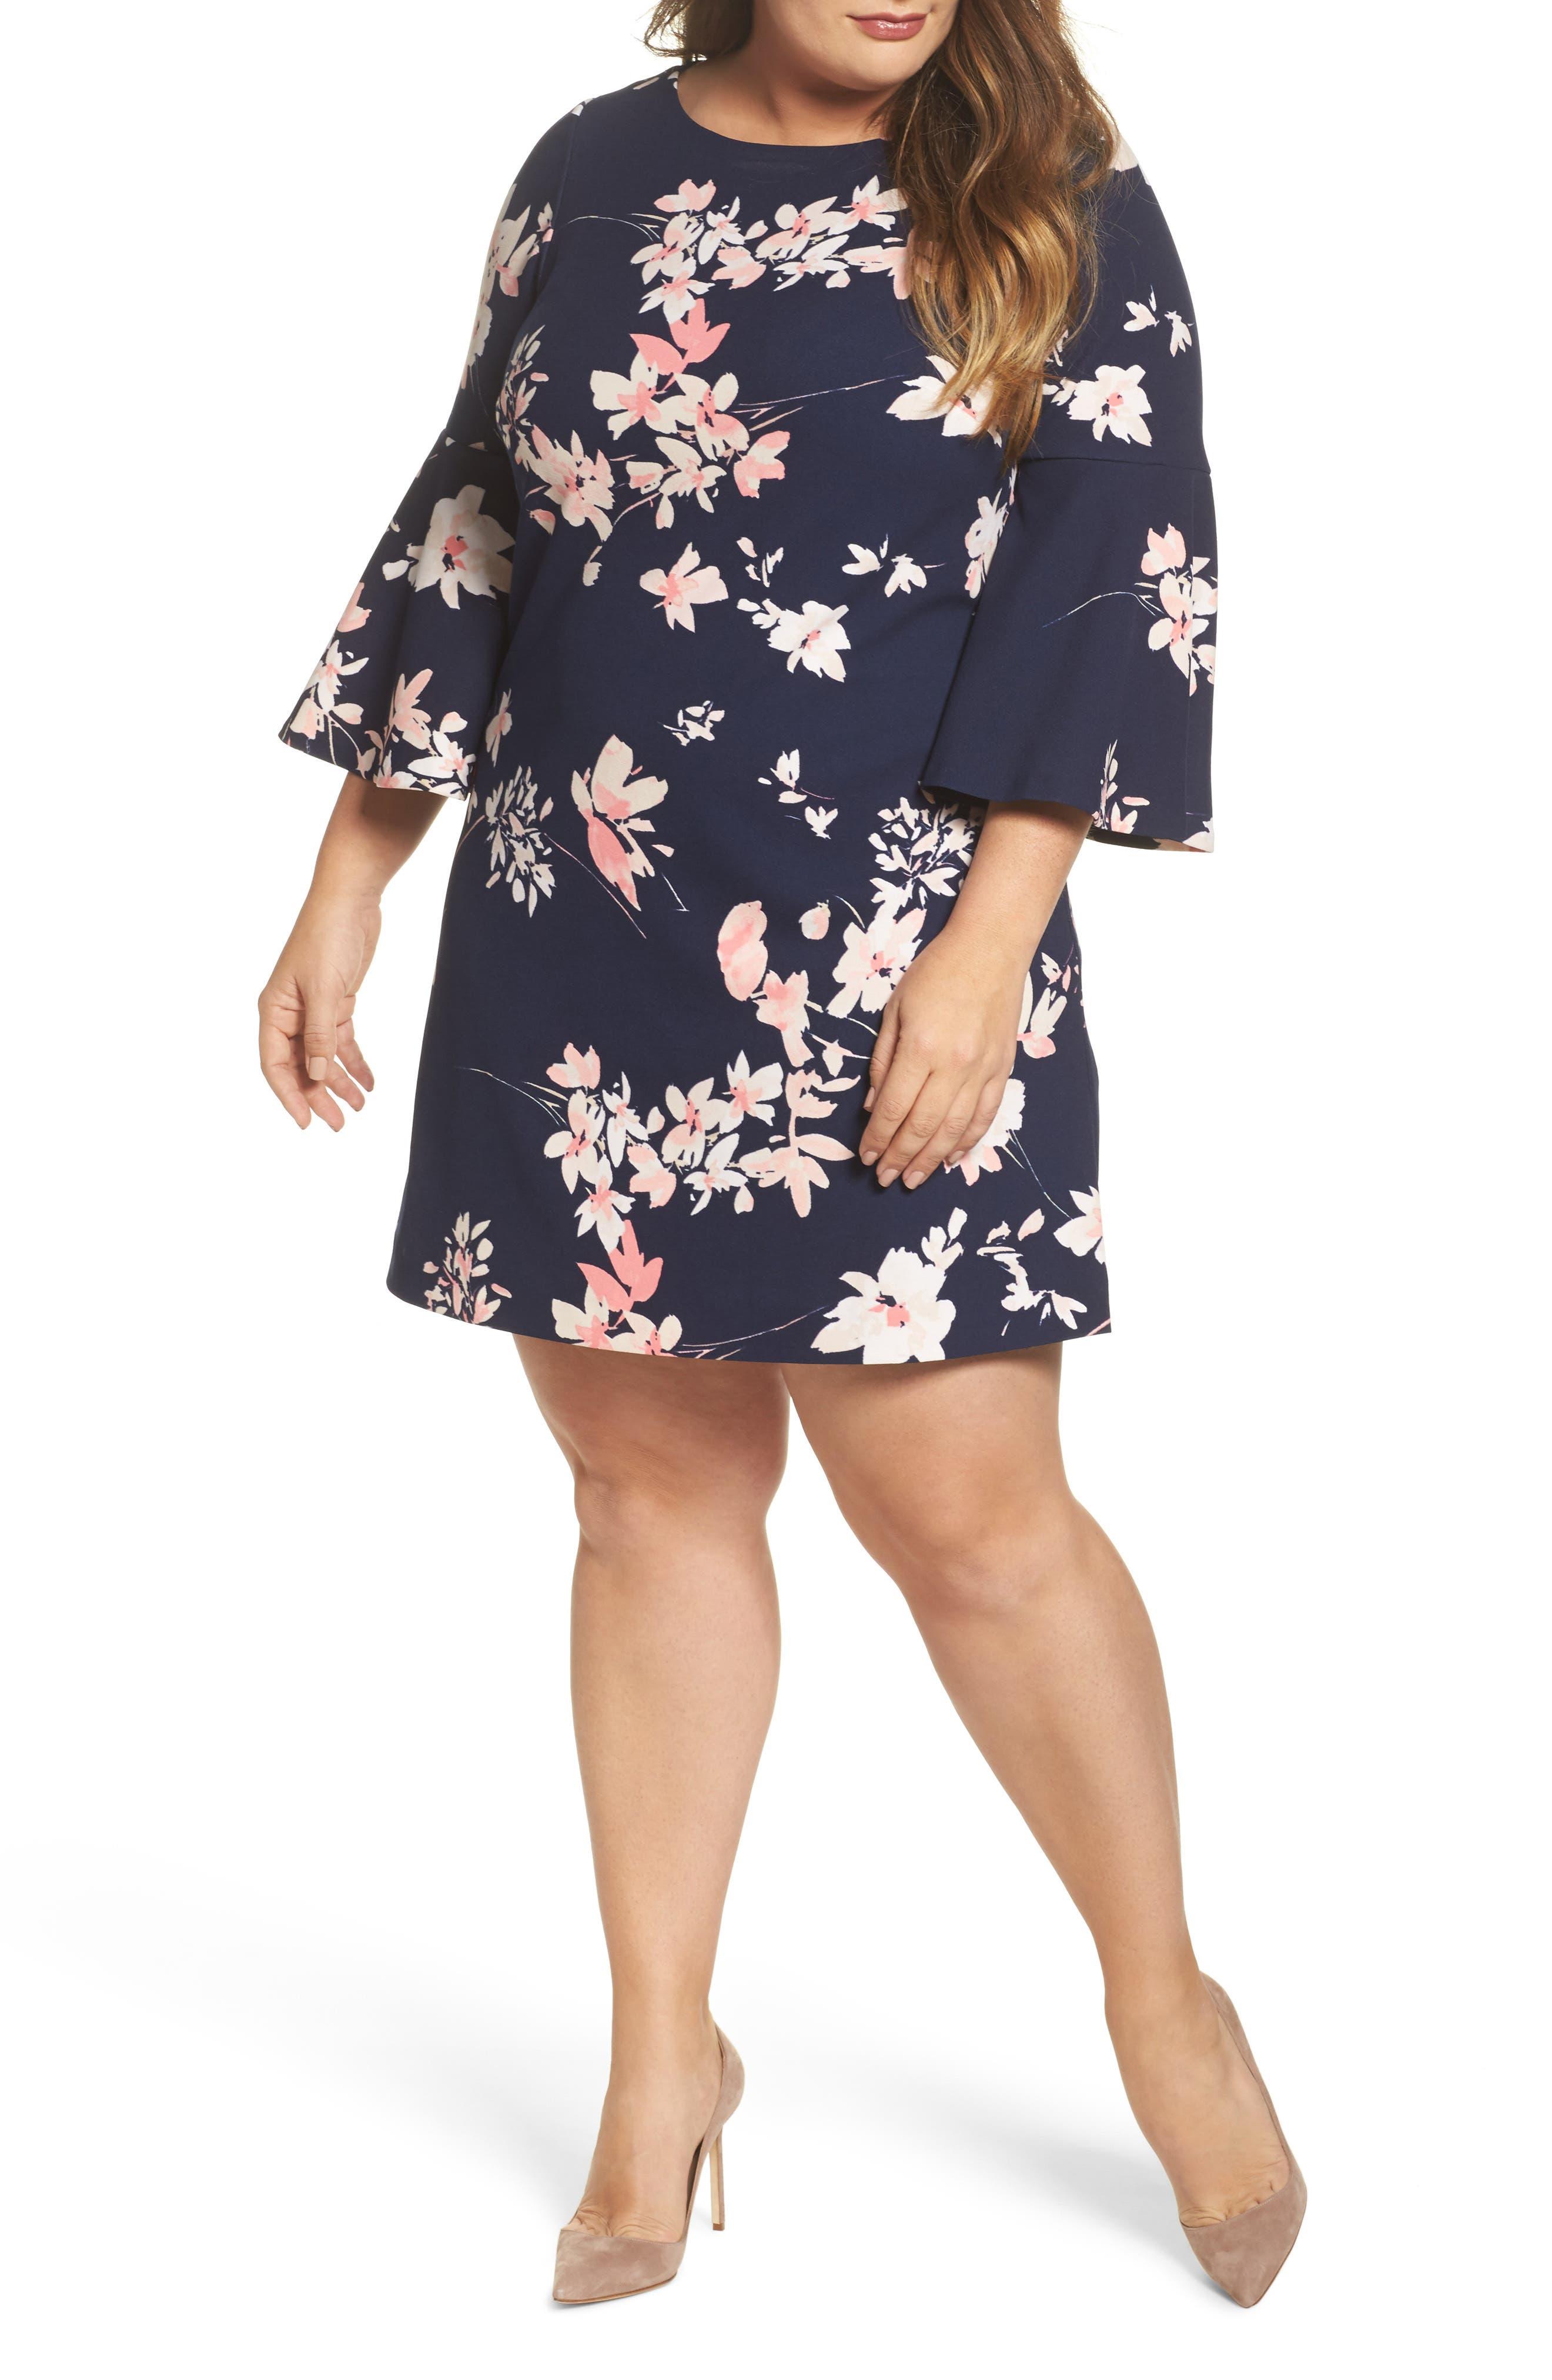 ELIZA J Floral Print Bell Sleeve Shift Dress, Main, color, NAVY/ PINK